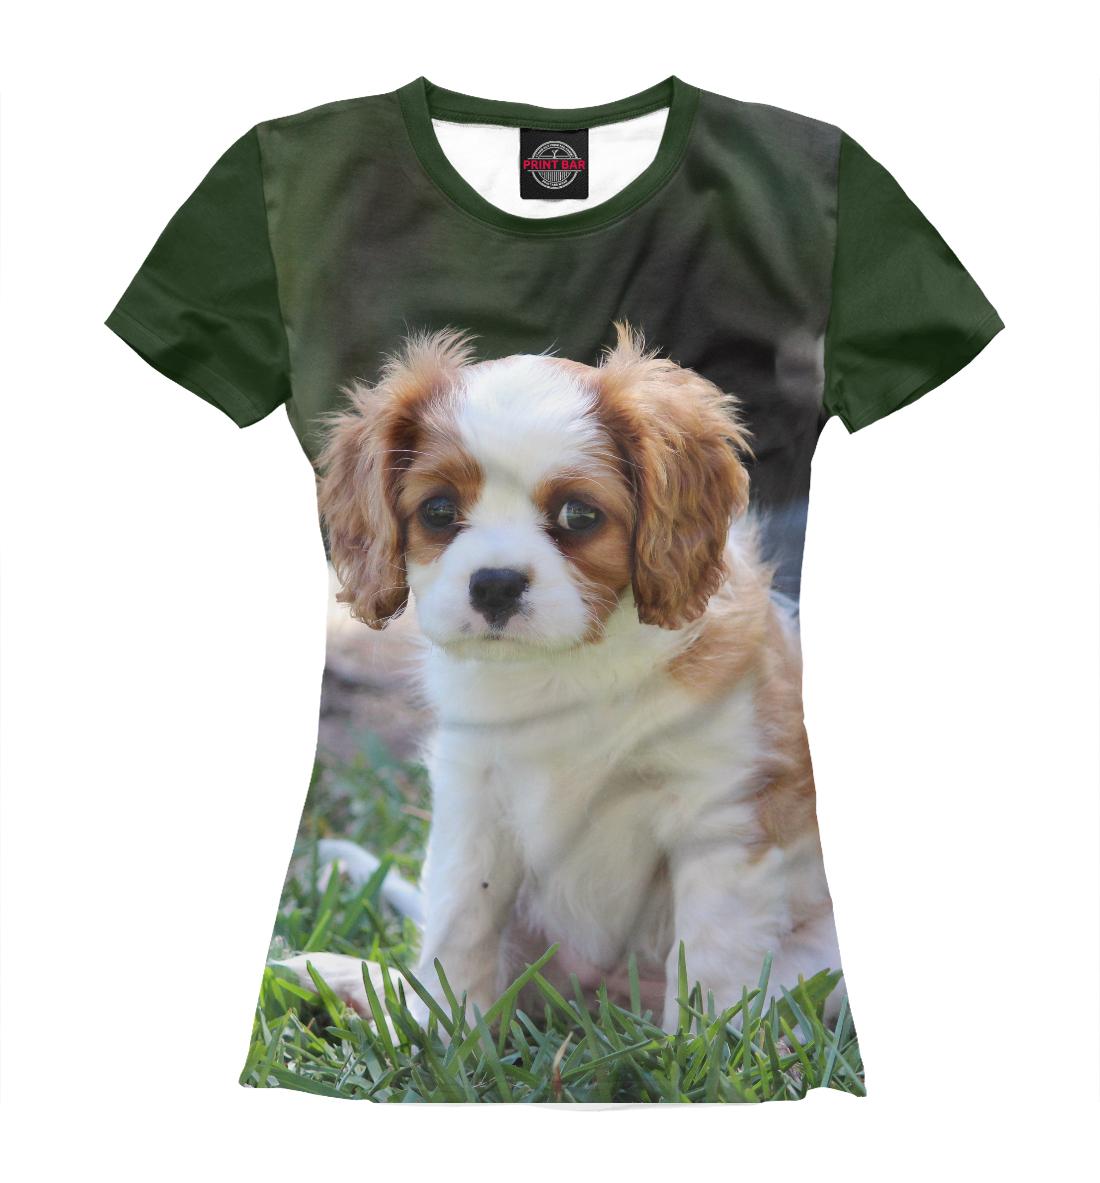 Купить Собака, Printbar, Футболки, DOG-435706-fut-1